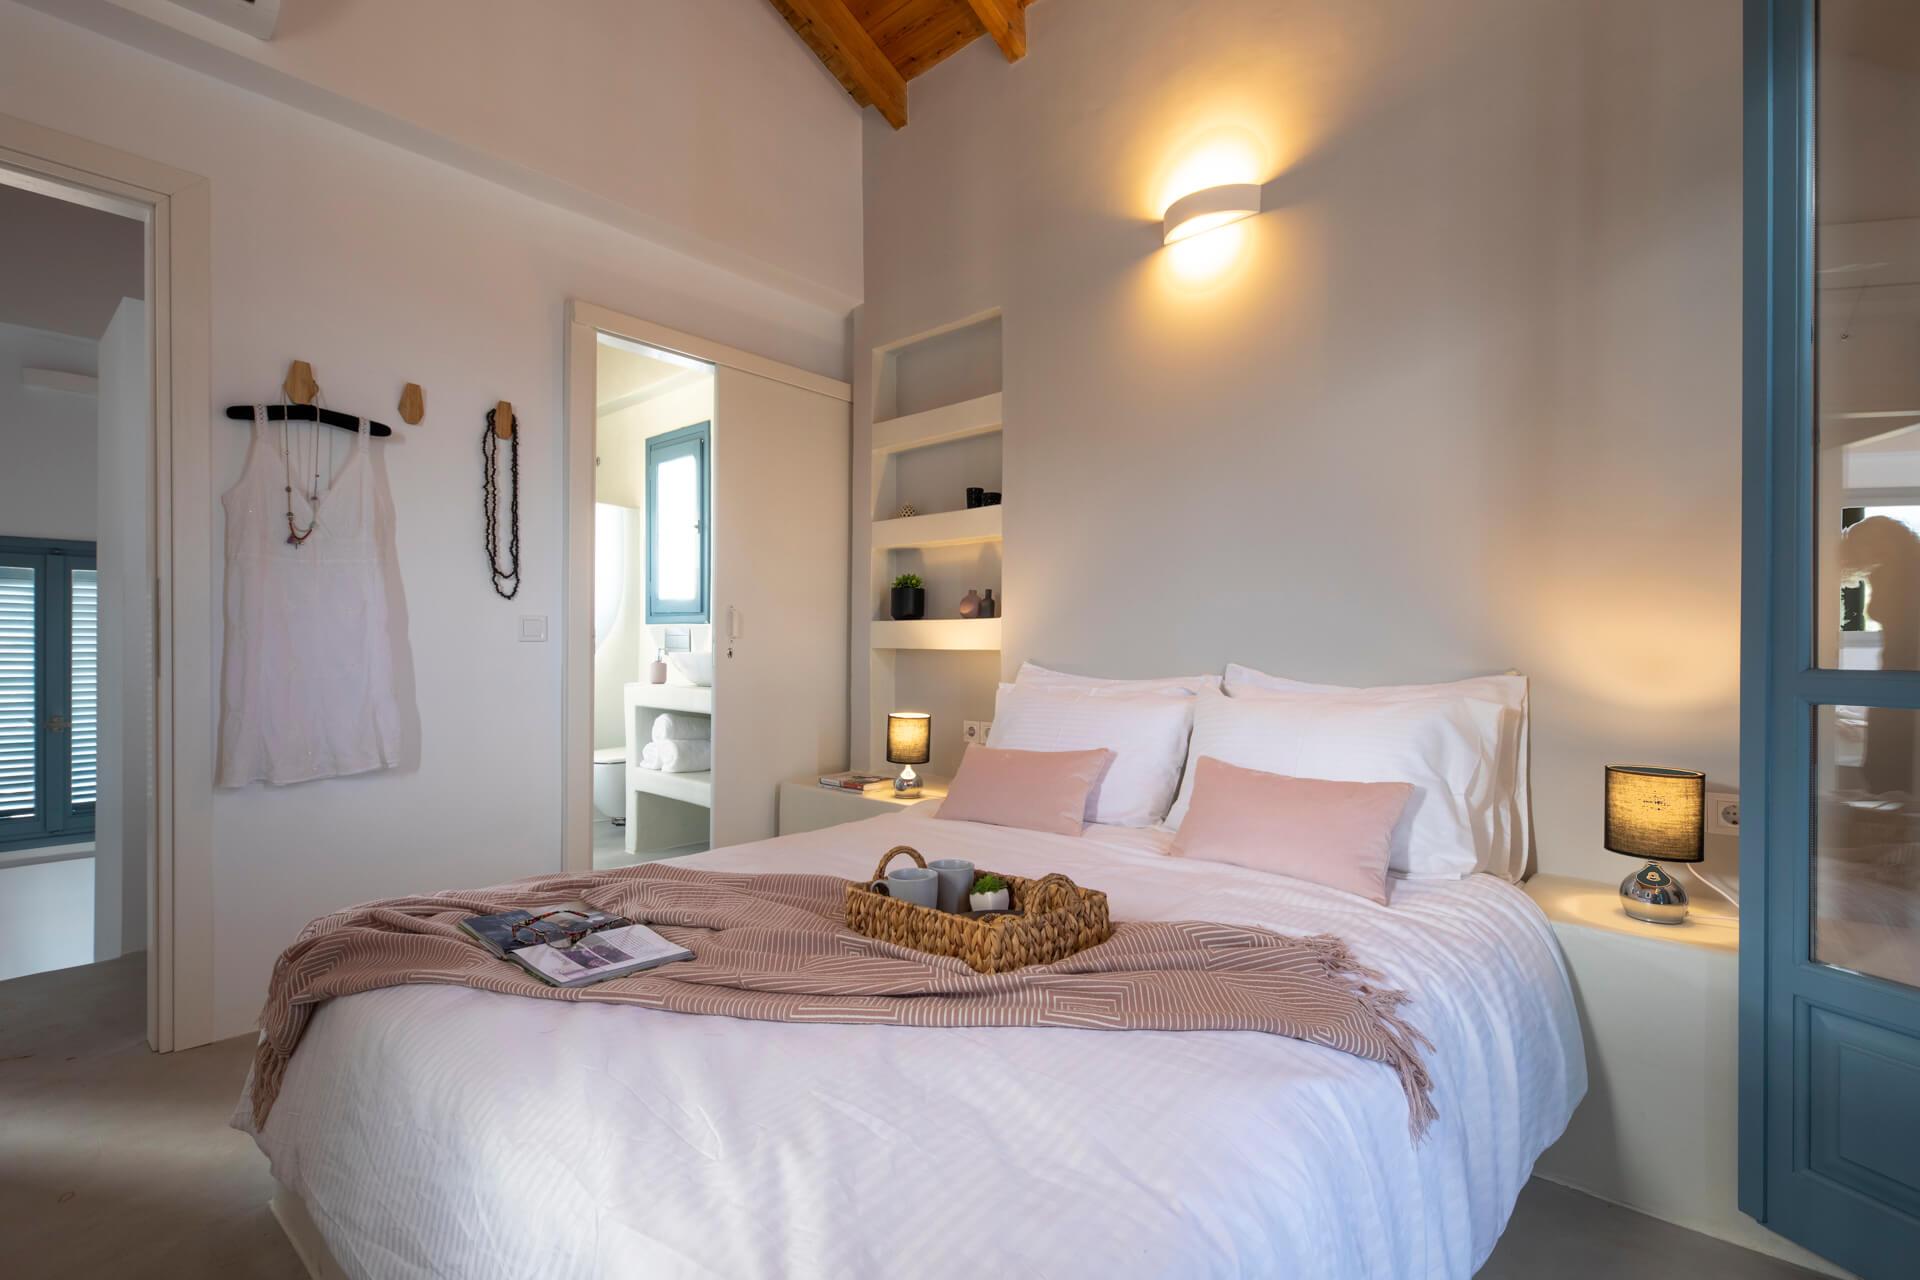 עיצוב חדר שינה בורוד ואפור